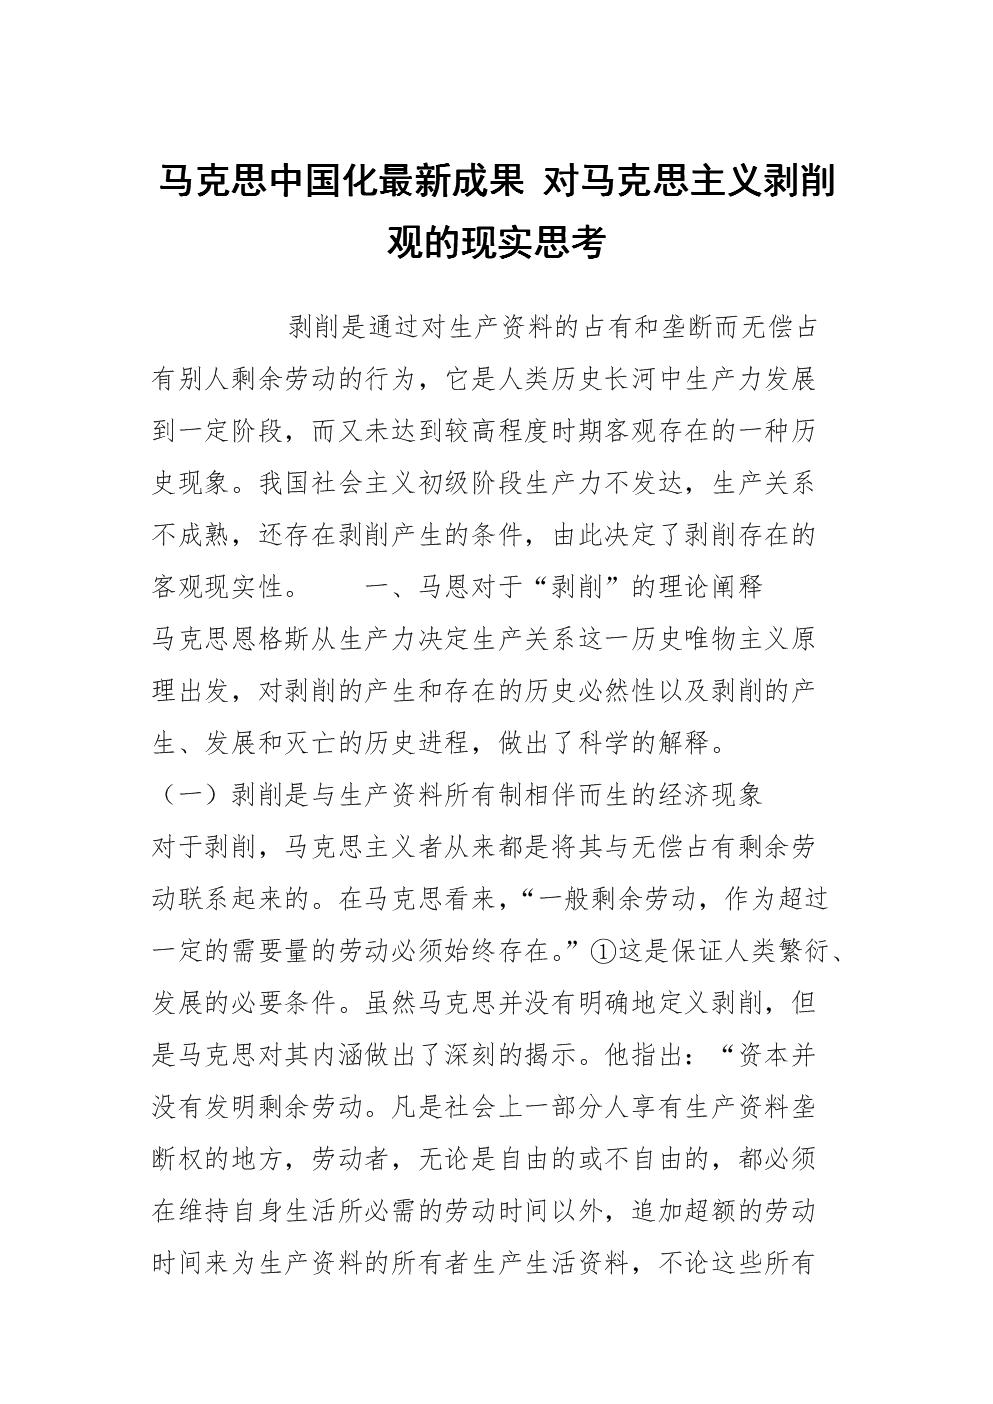 马克思中国化最新成果 对马克思主义剥削观的现实思考.docx